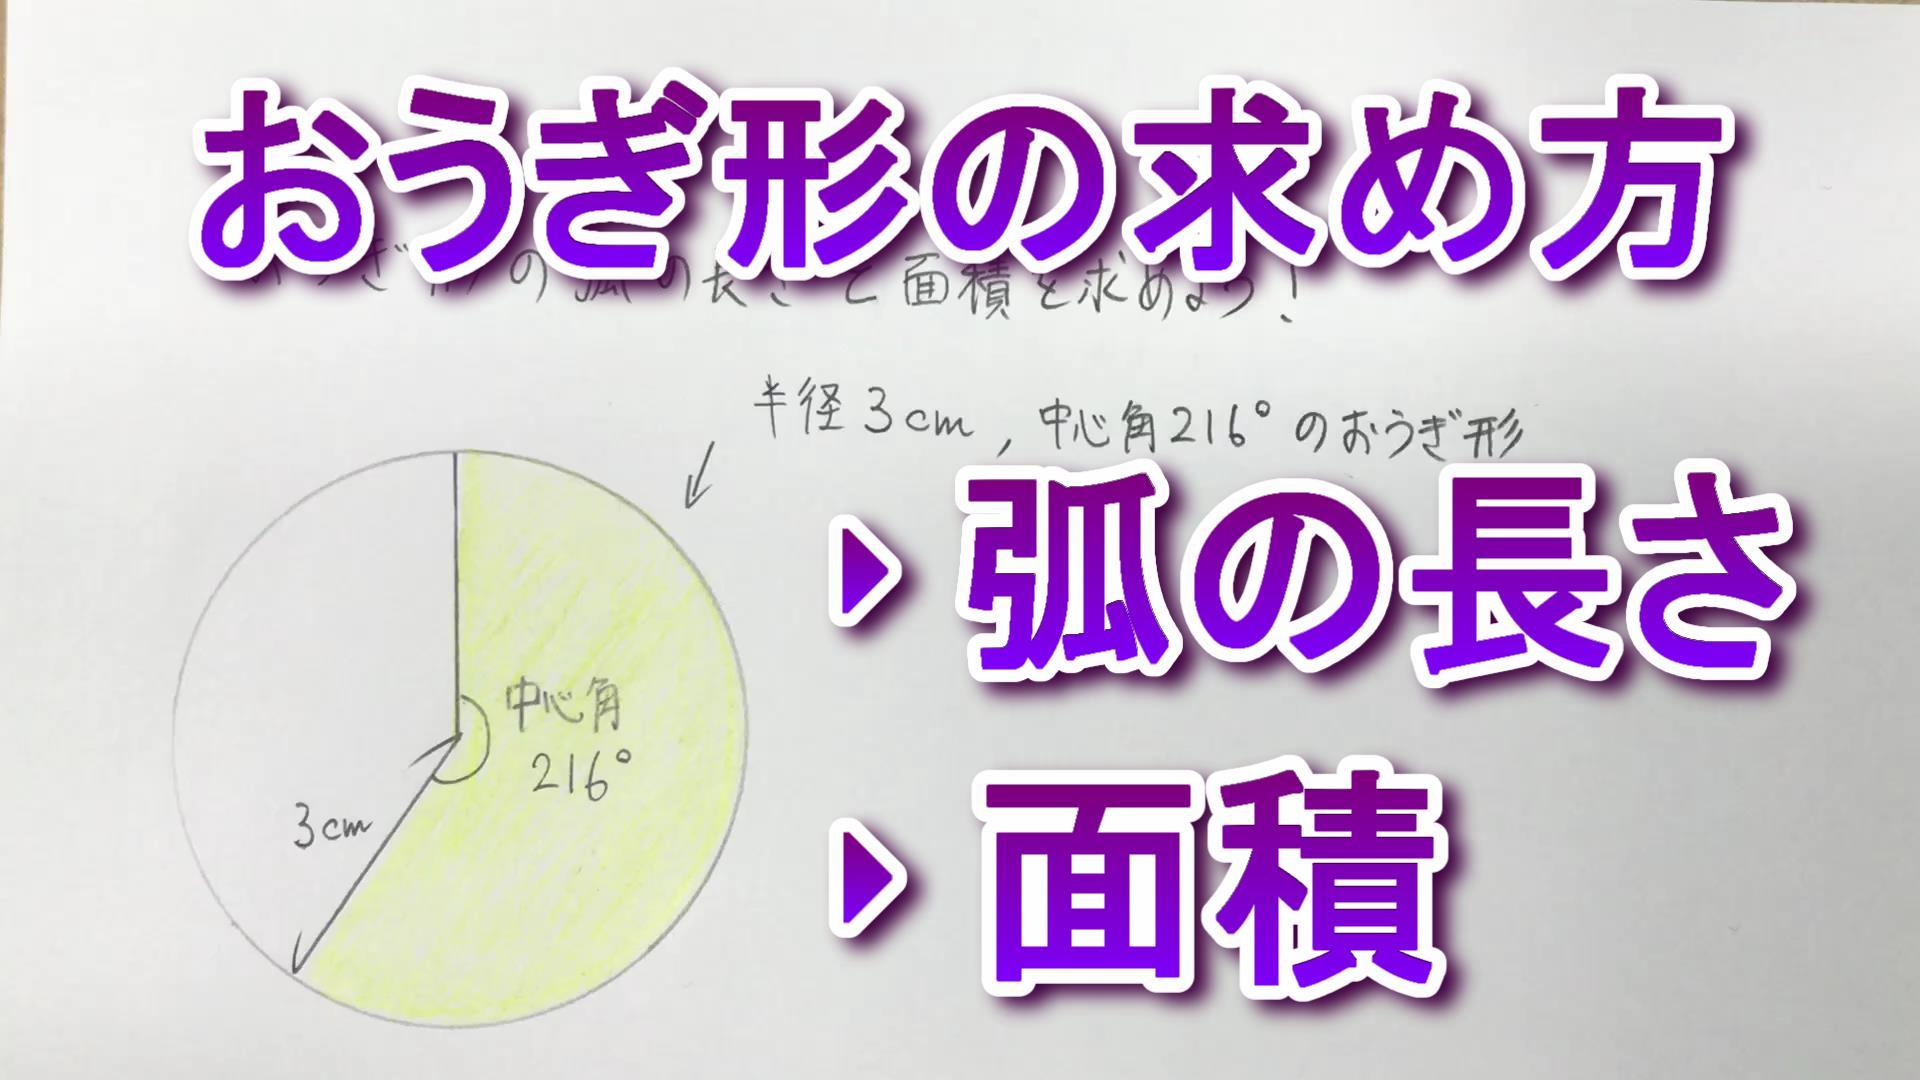 形 の の 面積 求め 方 おう ぎ レンズ形の面積の求め方。